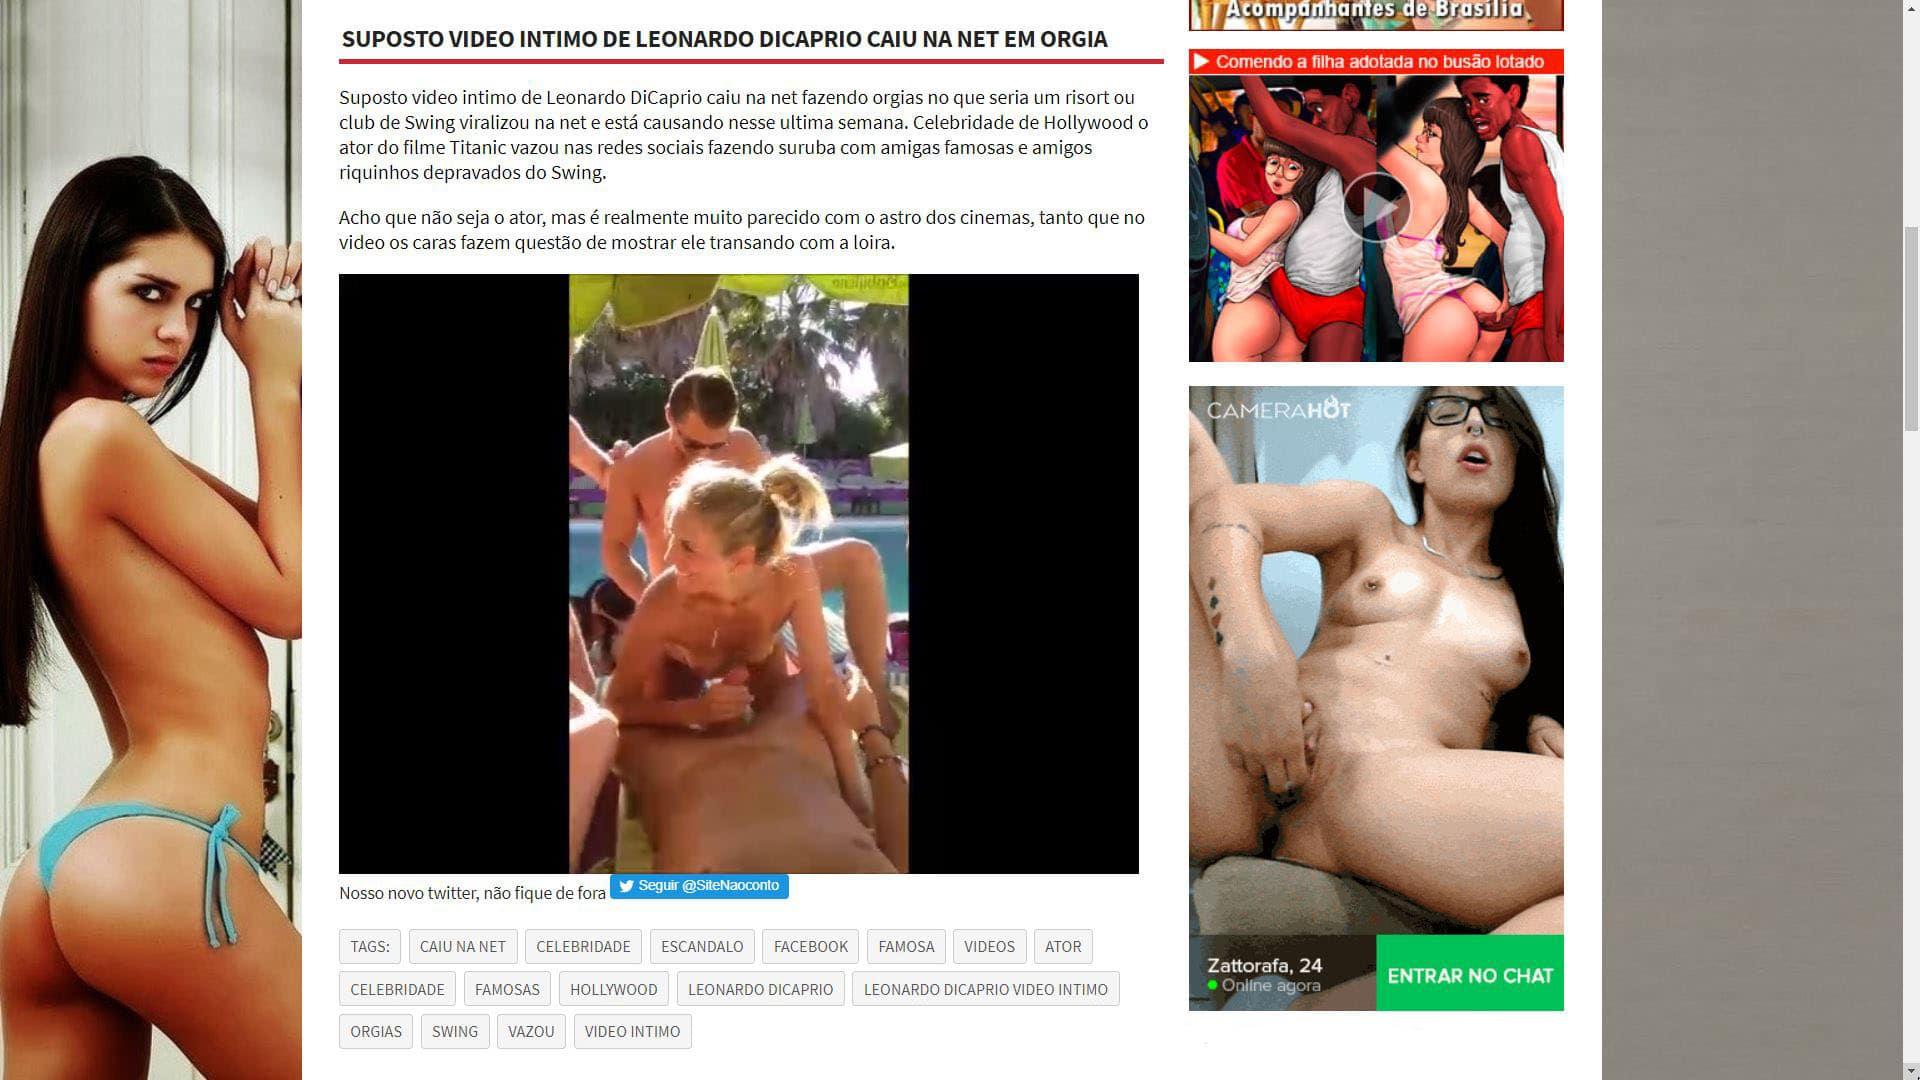 Nao Conto Suposto Video Intimo De Leonardo Dicaprio Caiu Na Net Em Orgia